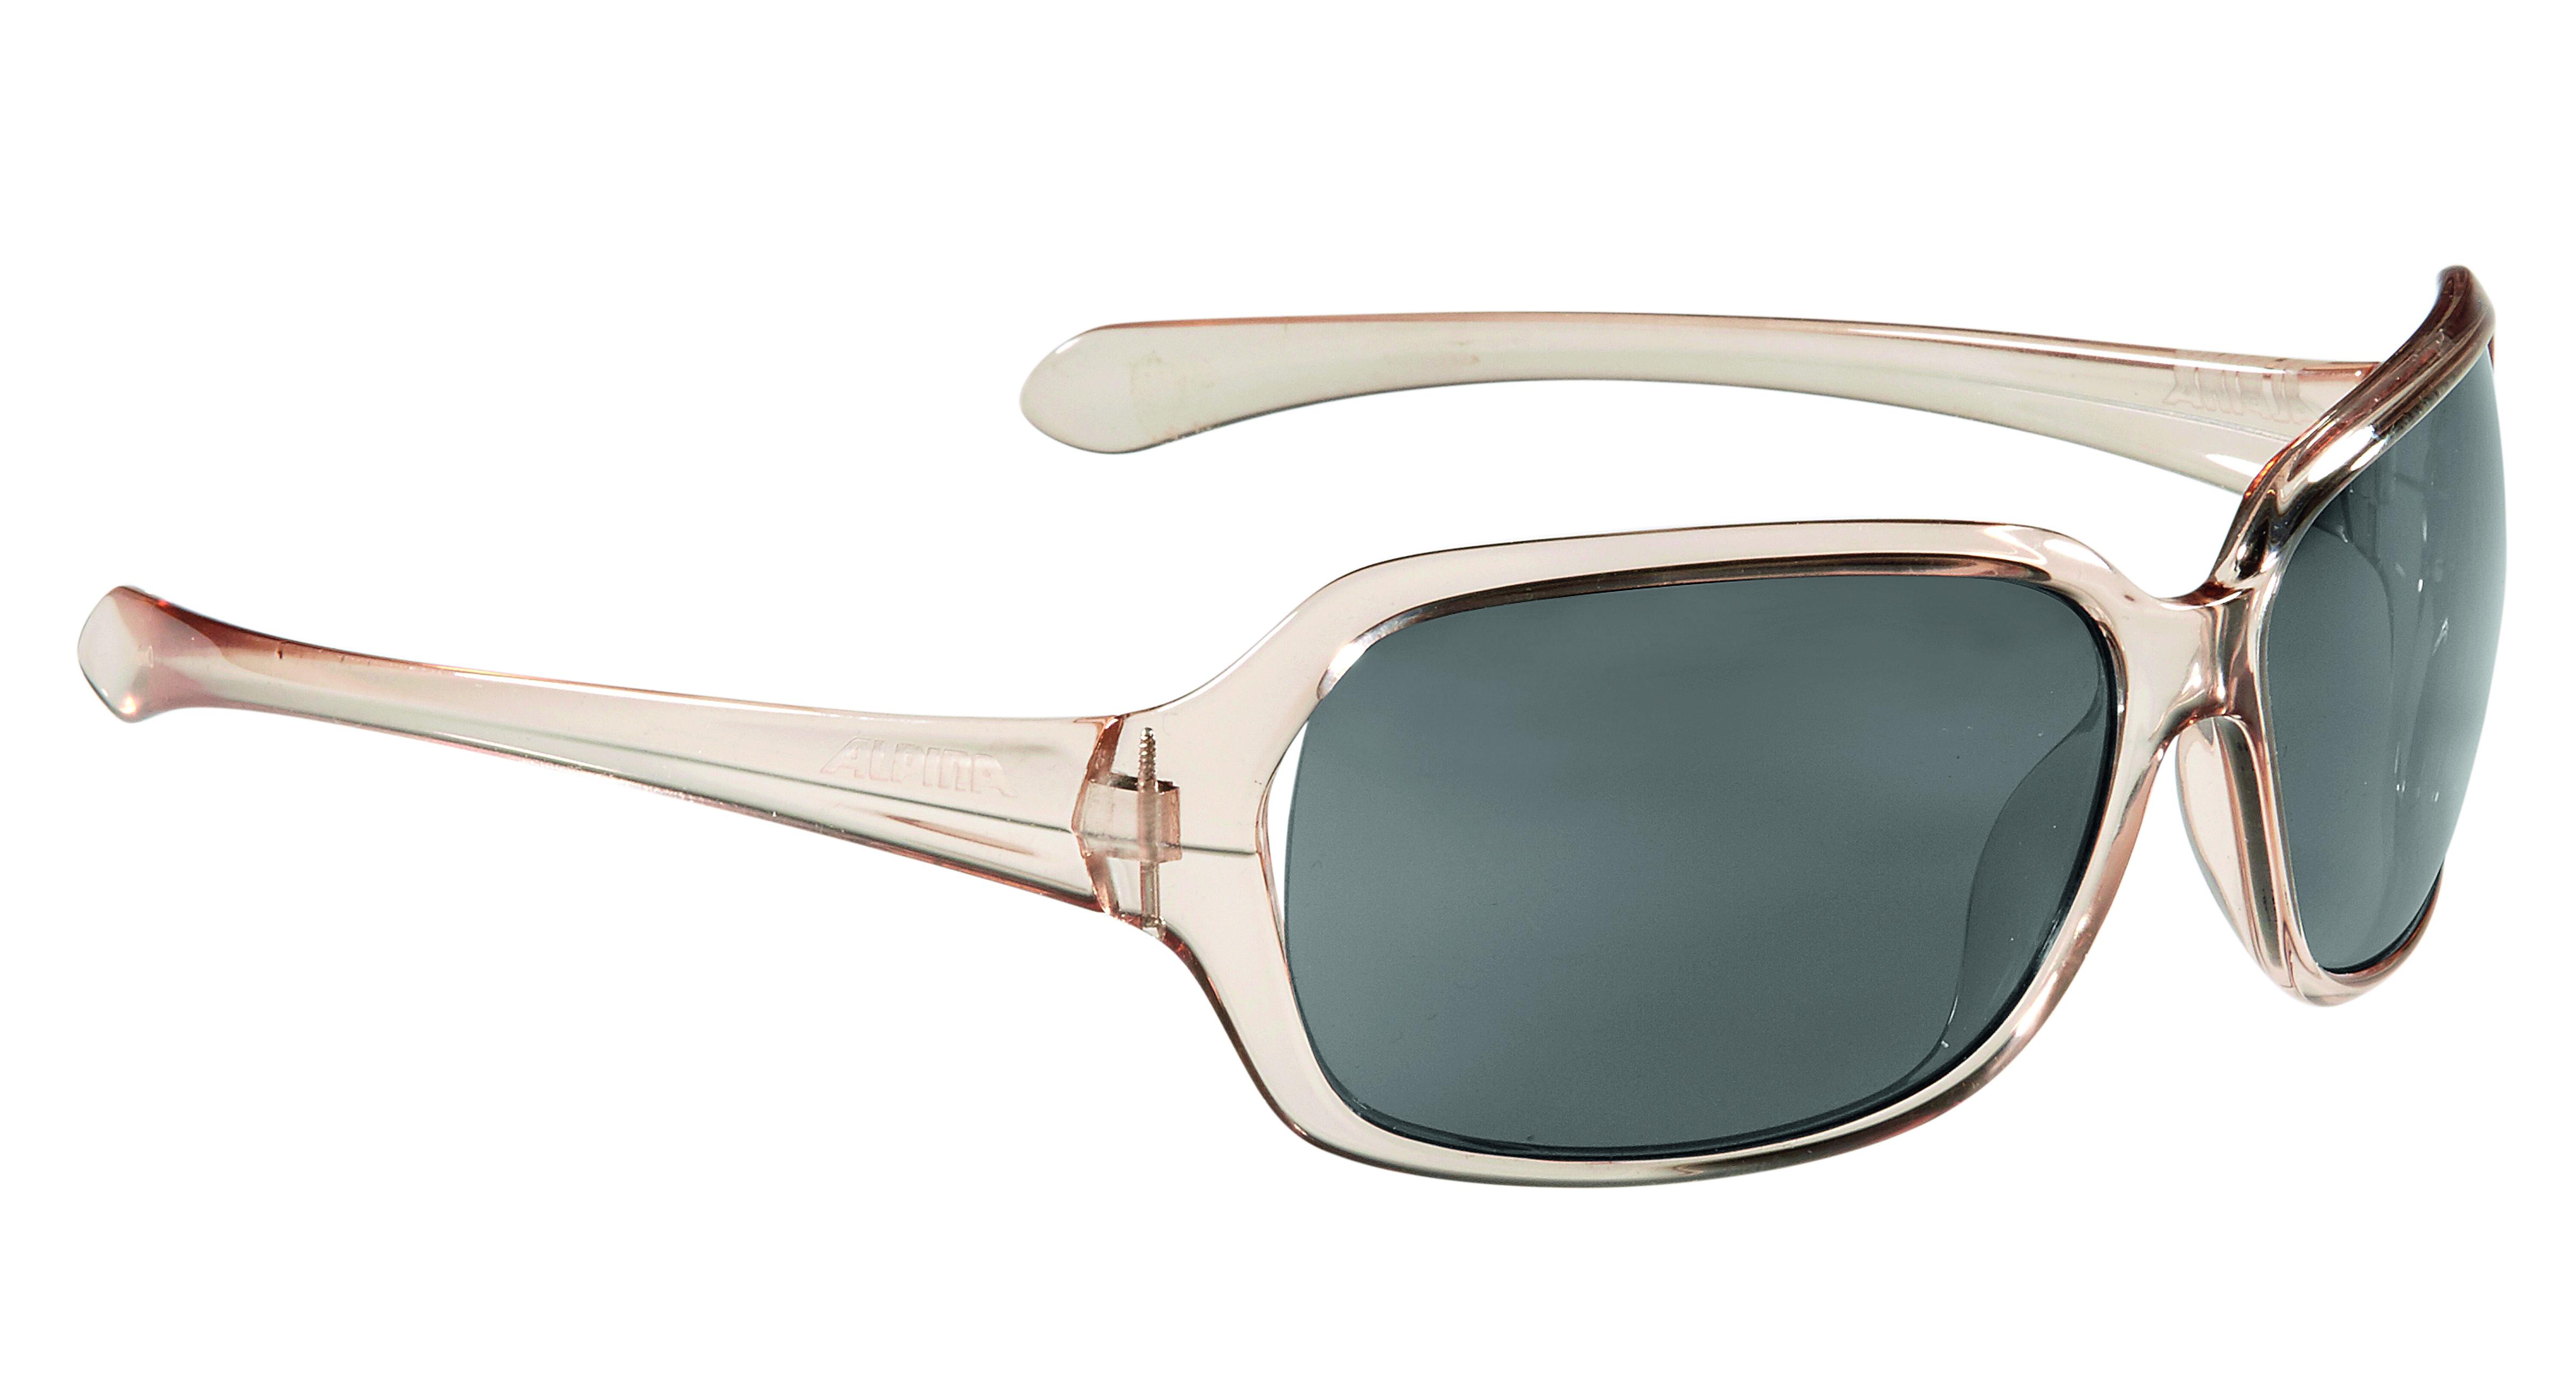 Купить Очки солнцезащитные Alpina 2017 A 70 nude transparent, солнцезащитные, 1323691